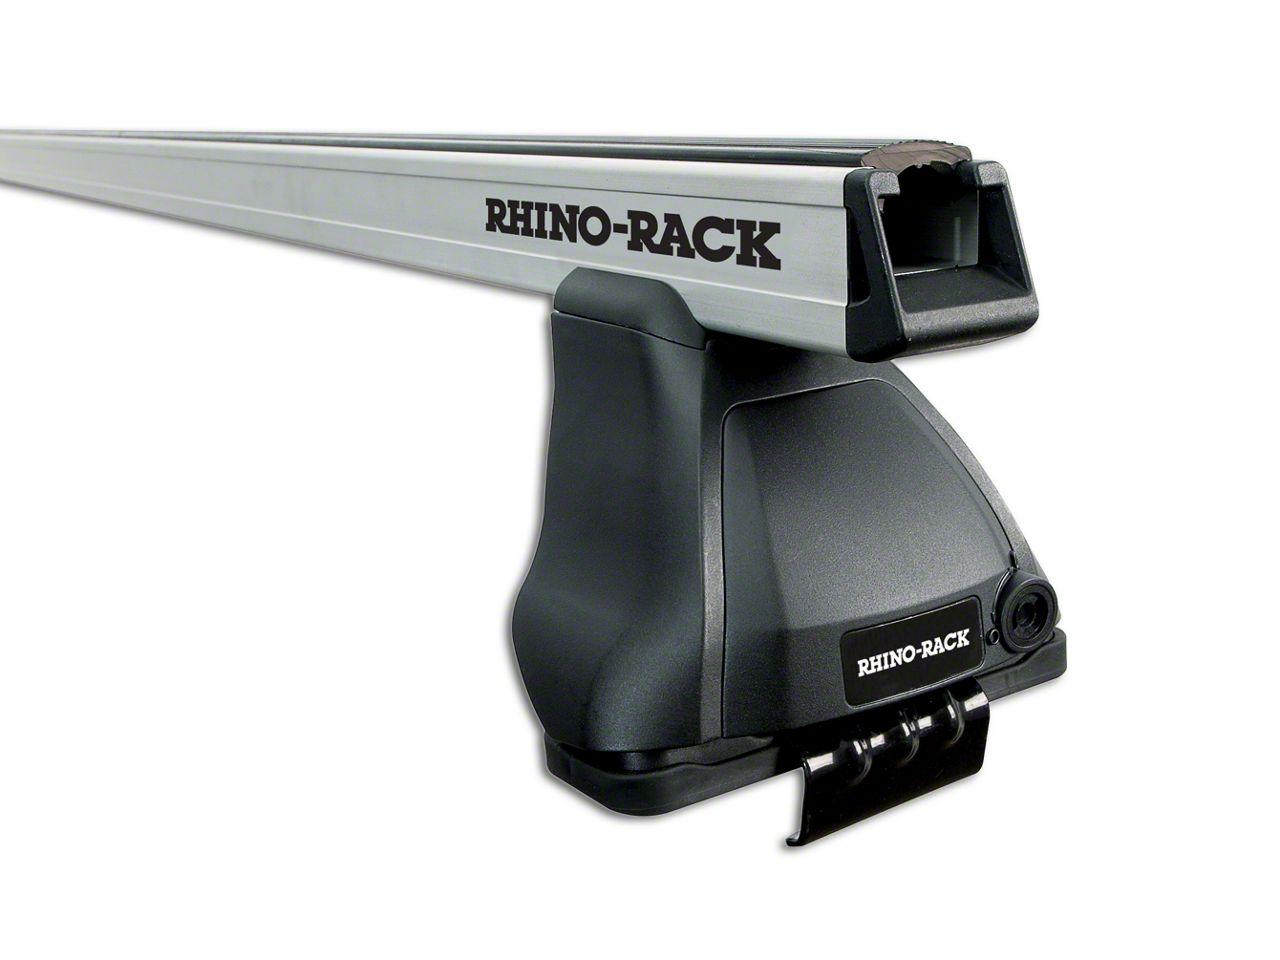 Rhino-Rack Heavy Duty 2500 2-Bar Roof Rack - Silver (09-18 RAM 1500 Quad Cab, Crew Cab)